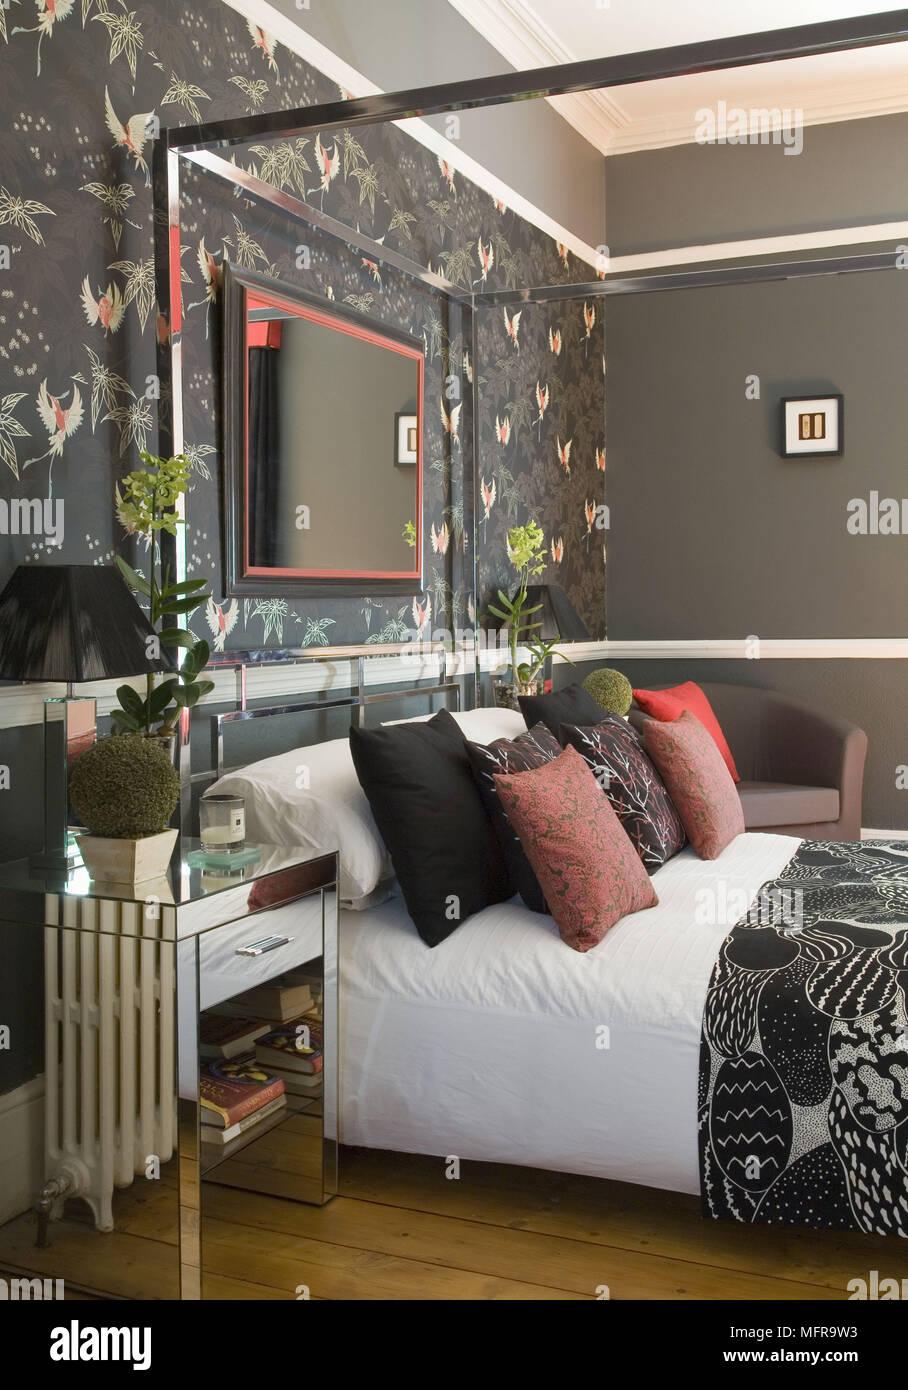 Auf Gespiegelten Nachttisch Neben Metall Himmelbett Bett In Rot Und